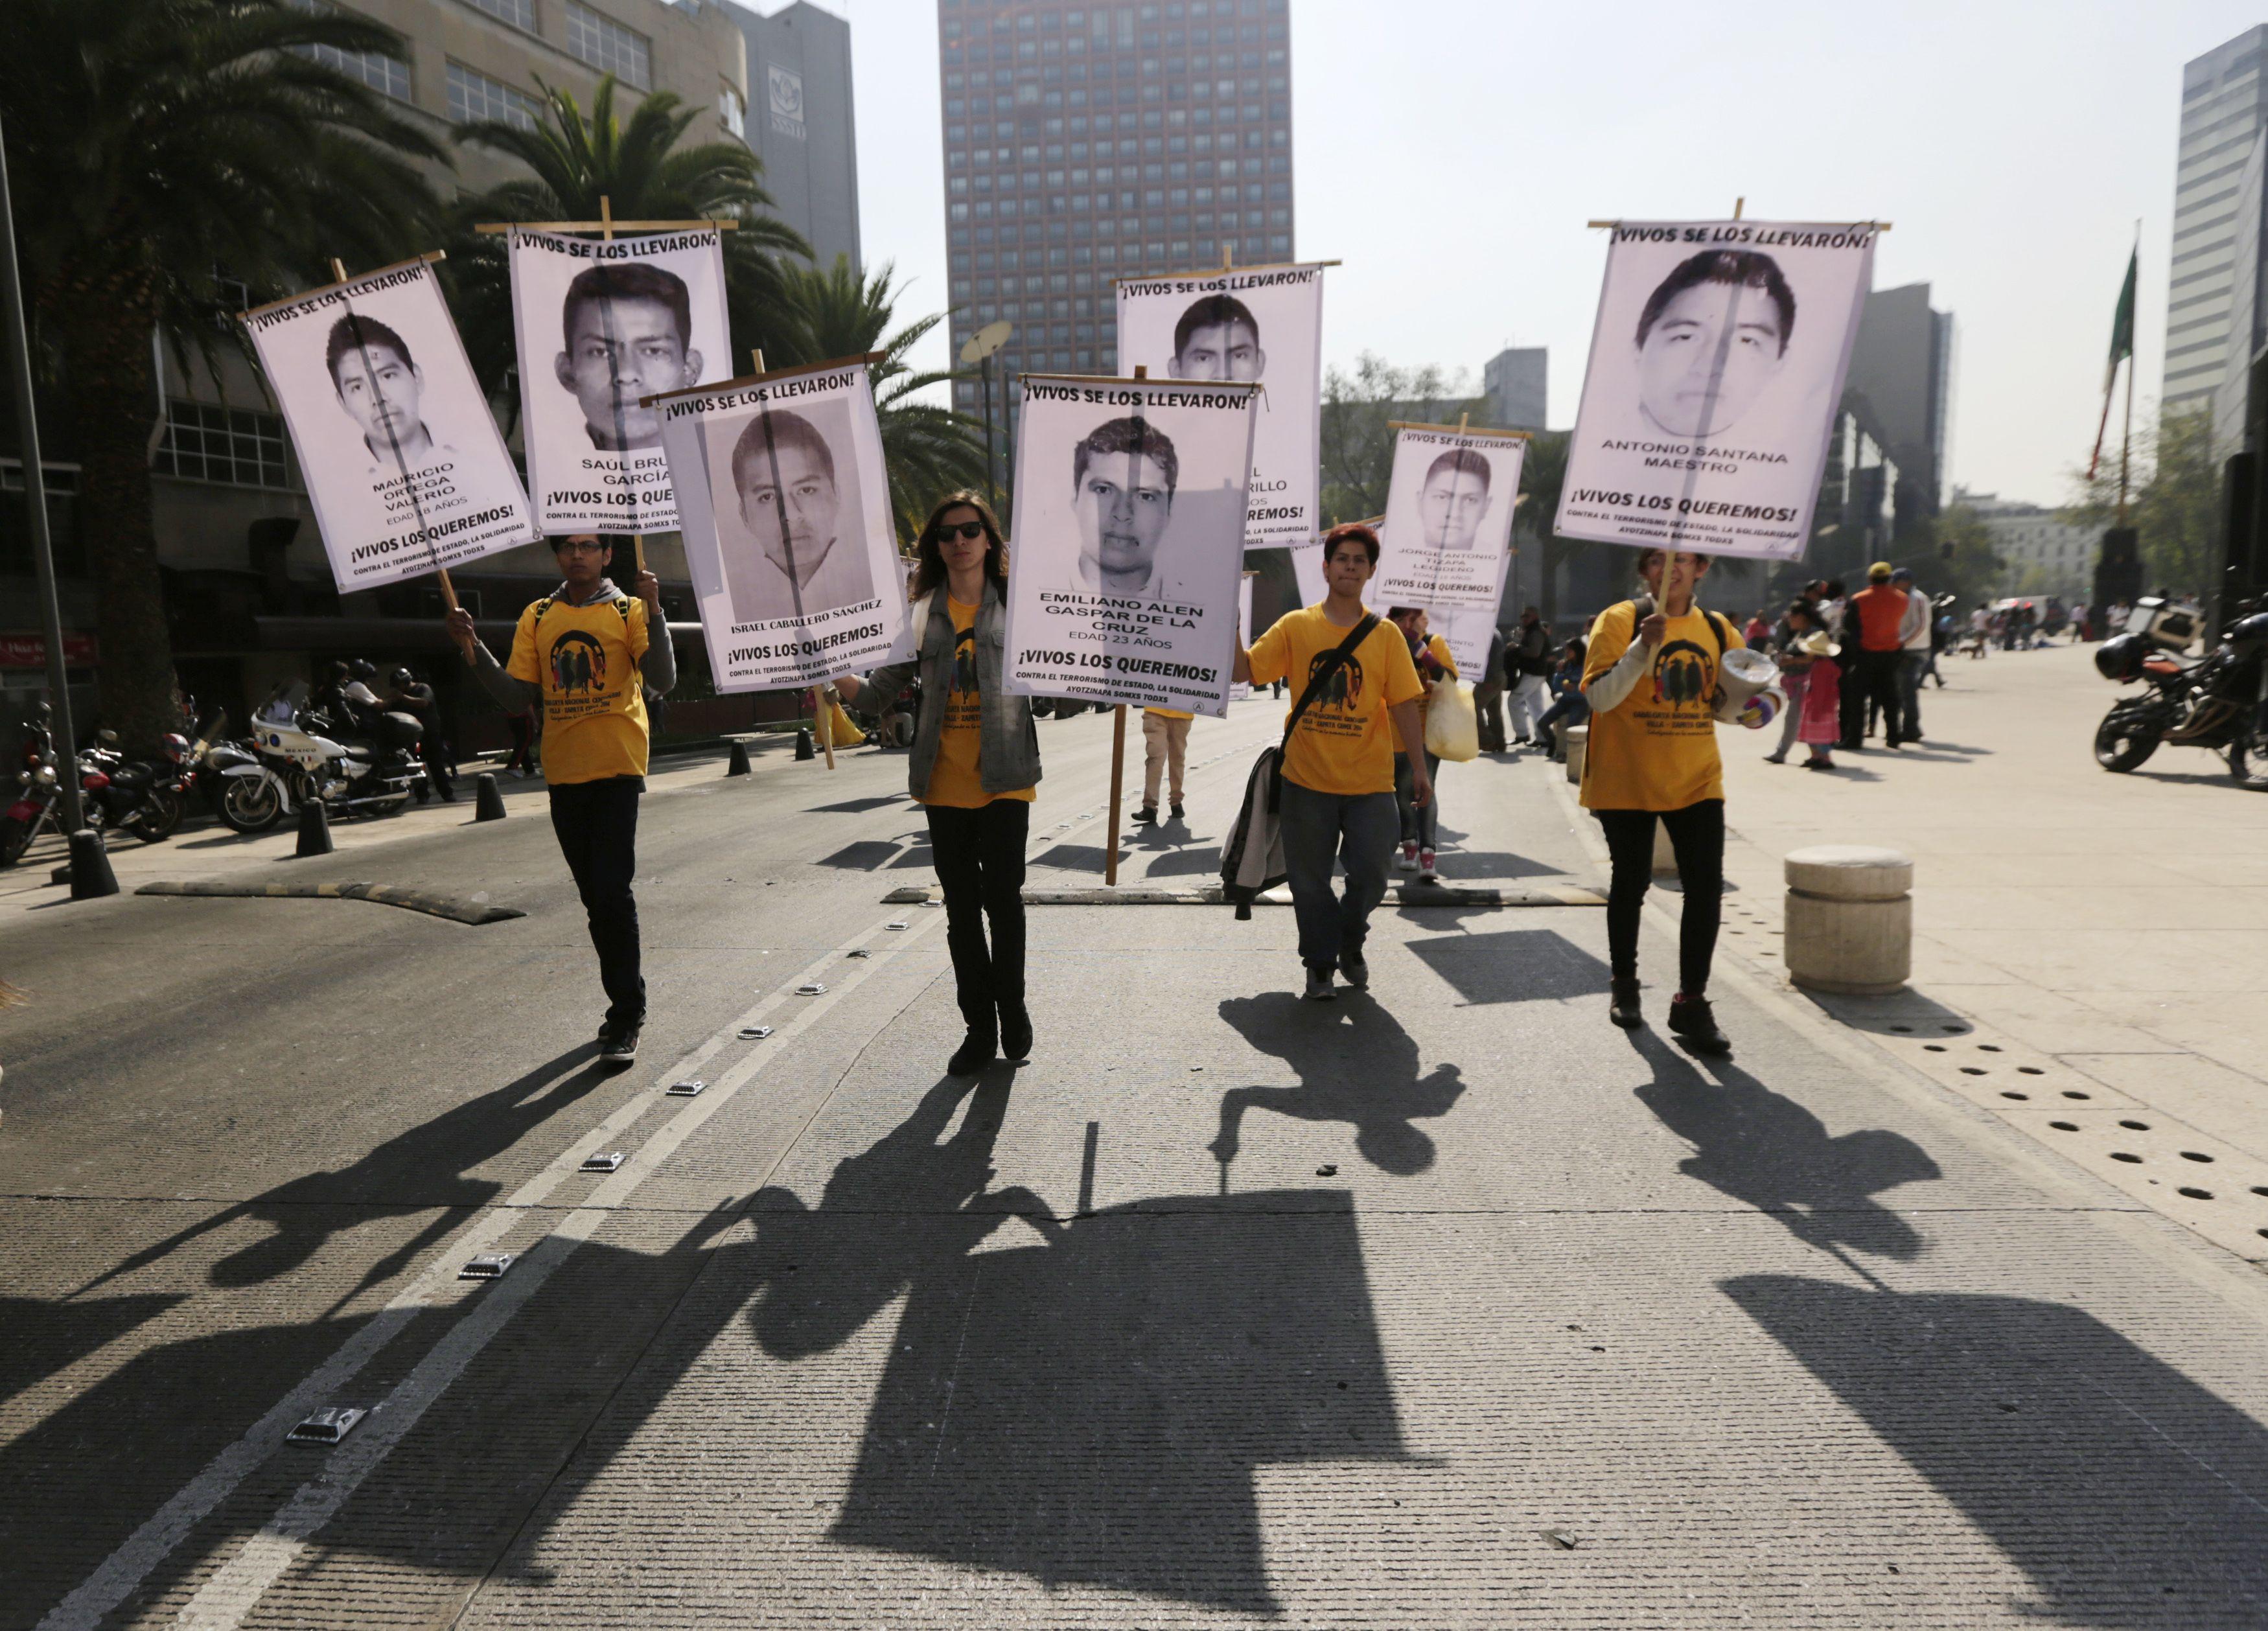 Veinte ciudades de EE.UU. protestan contra Peña Nieto